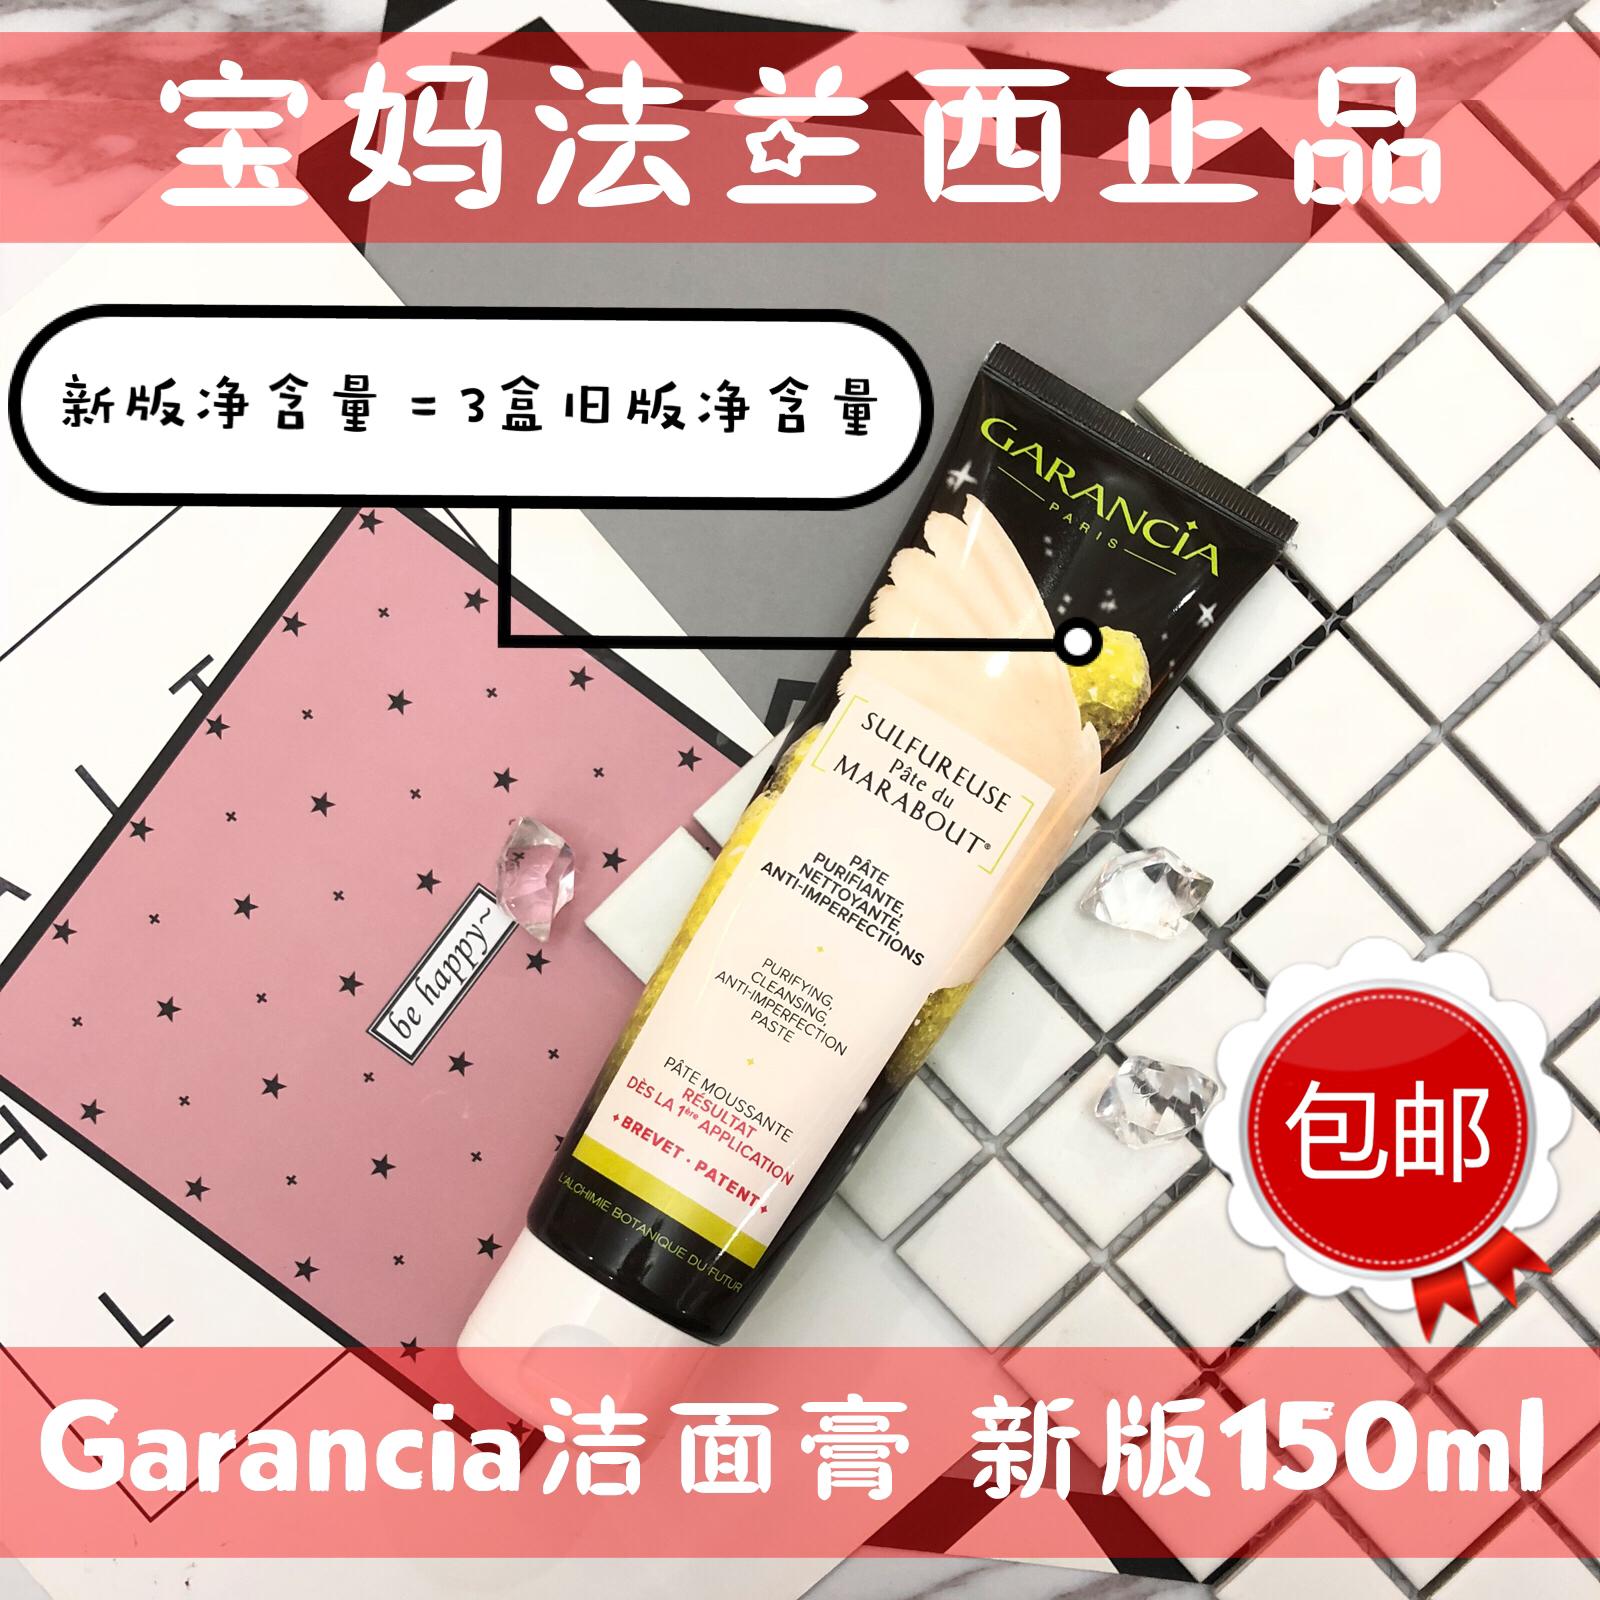 新版法國Garancia神奇魔術潔面膏150ml 清潔毛孔去黑頭閉口粉刺